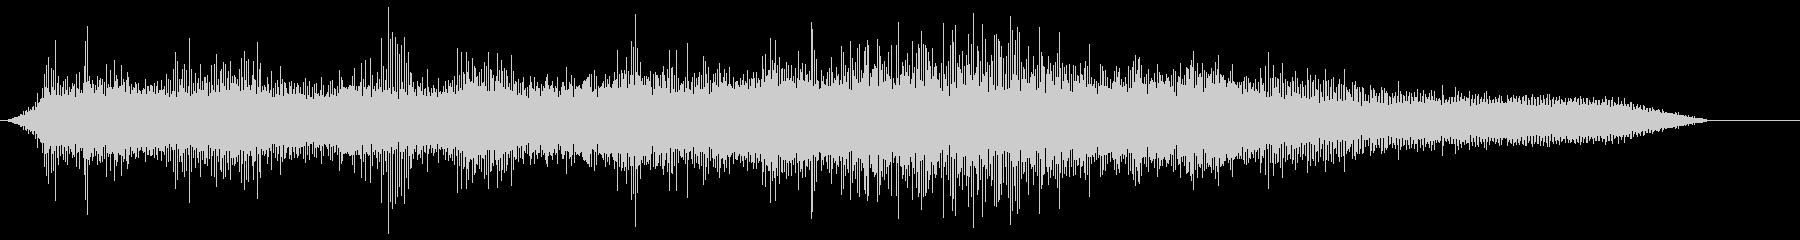 ベル206:INT:ホバリング、ラ...の未再生の波形